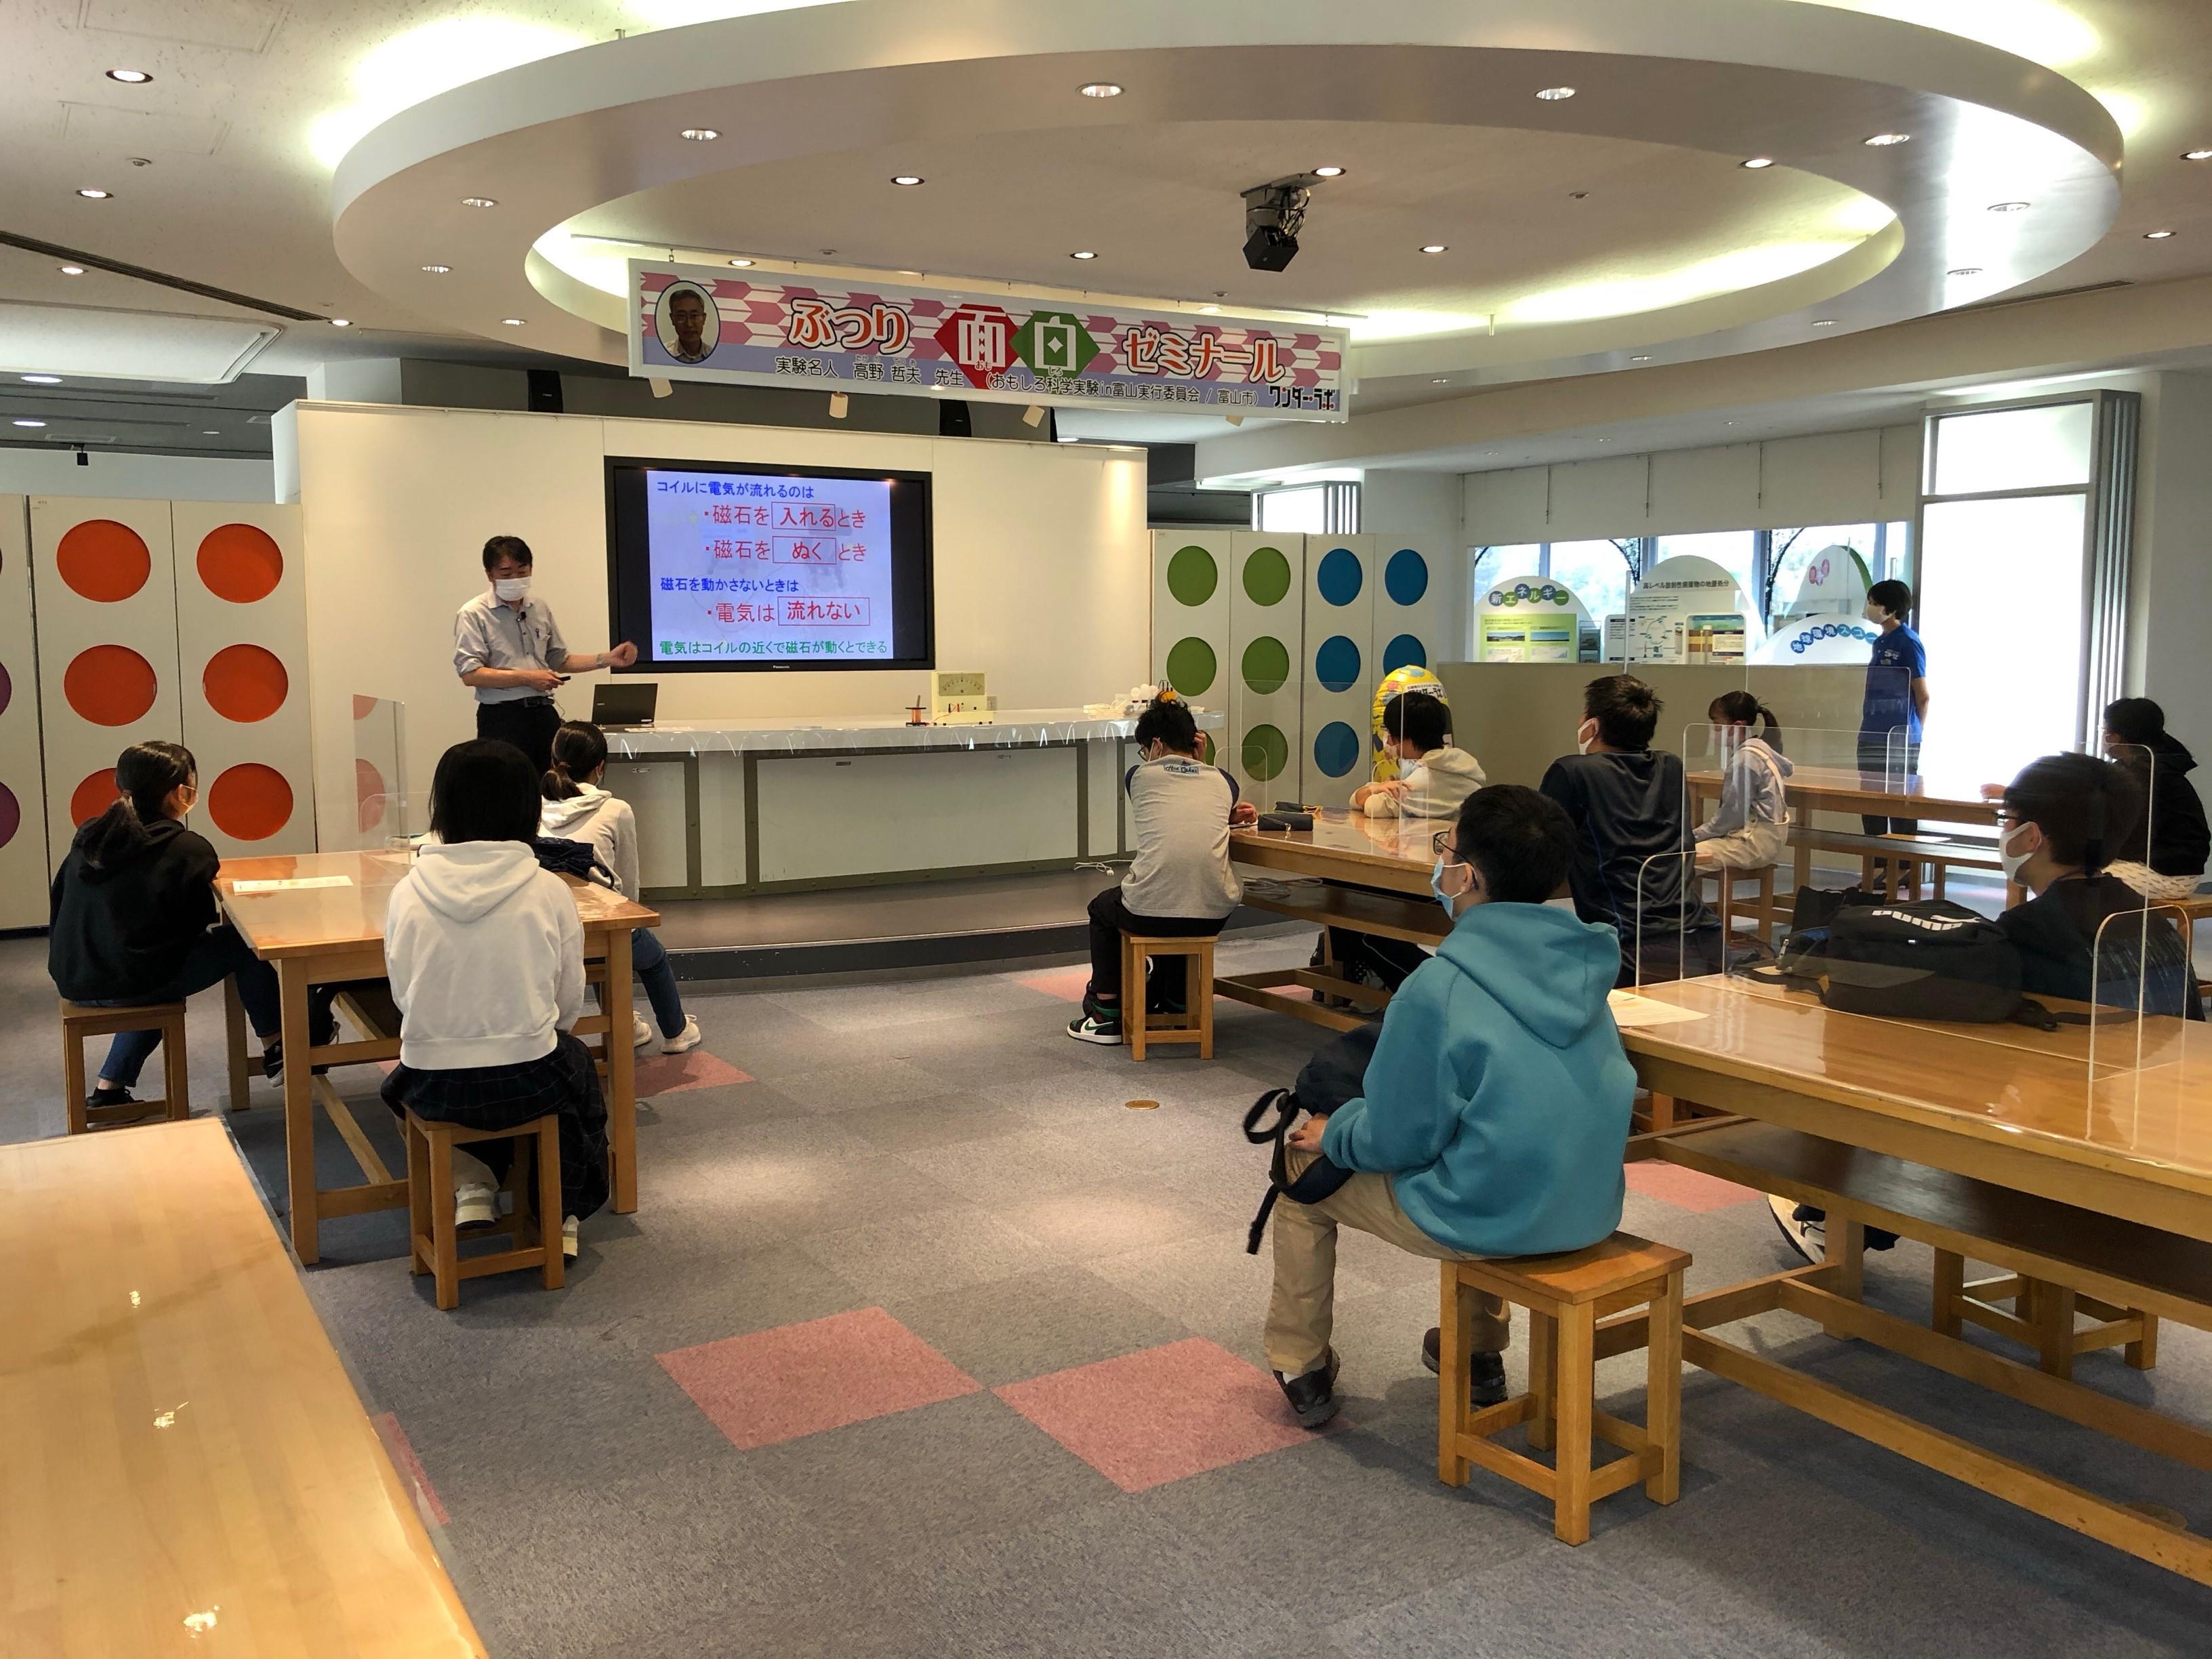 富山高専ジュニアドクター育成塾『北陸電力エネルギー科学館ワンダー・ラボ実習』(B:中学生チーム)を実施しました。